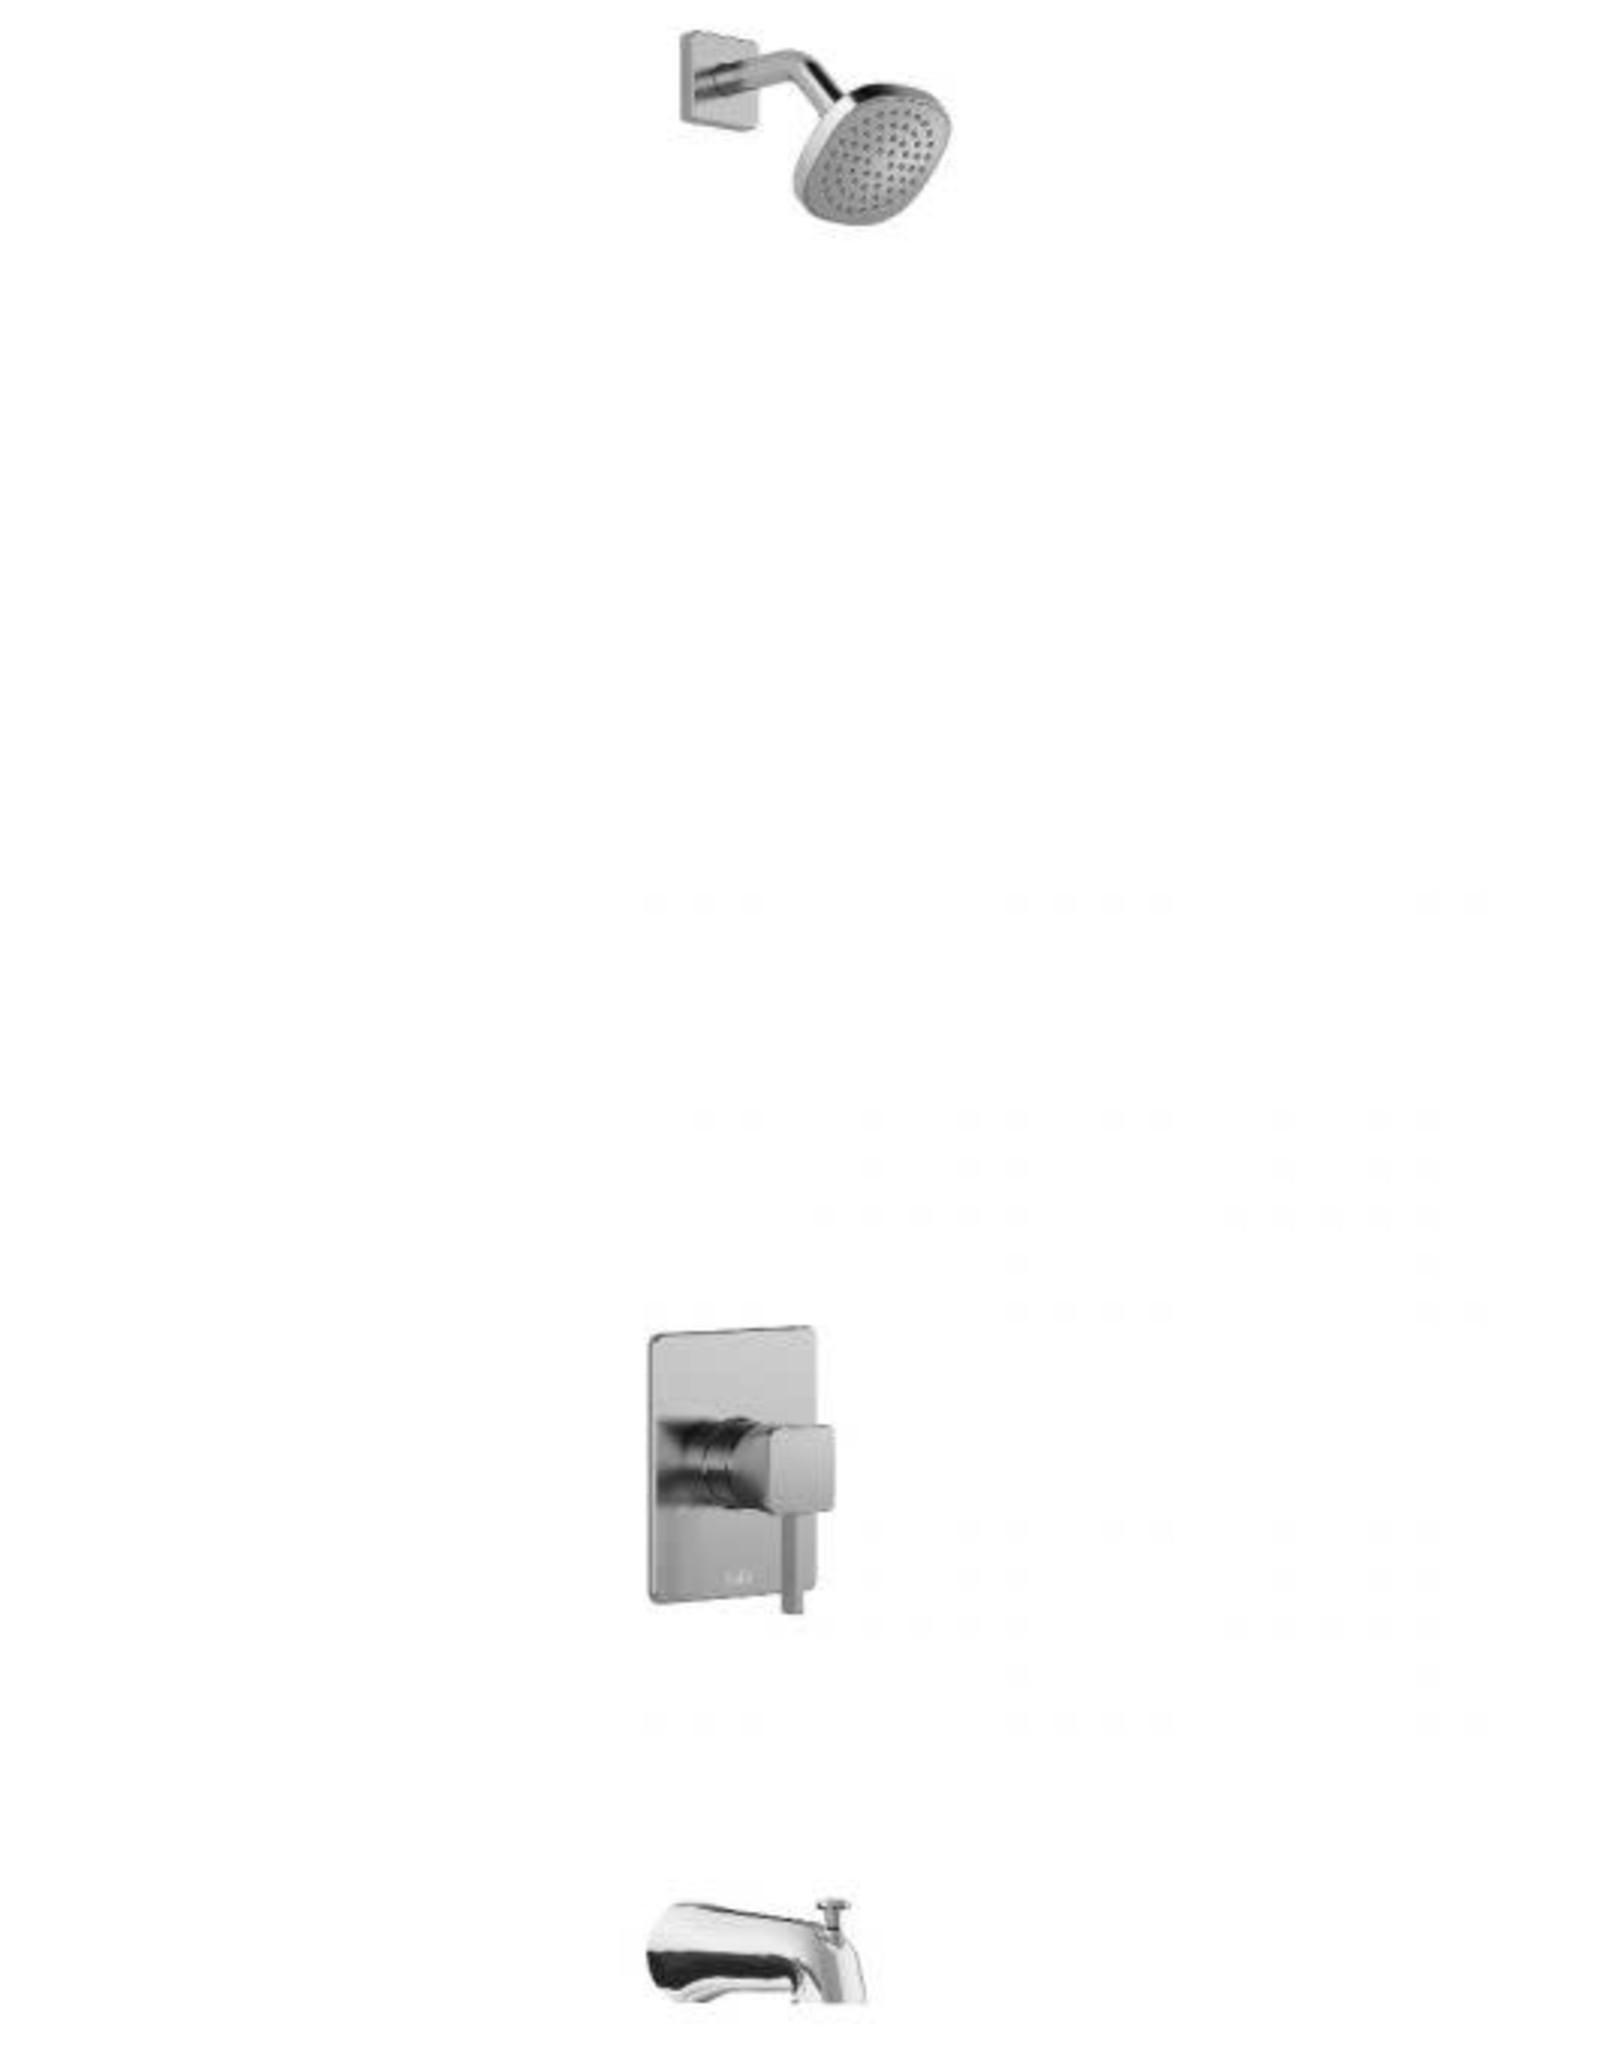 Kalia Kalia Sobrio PB3- Tub Spout w/ Showerhead- Chrome